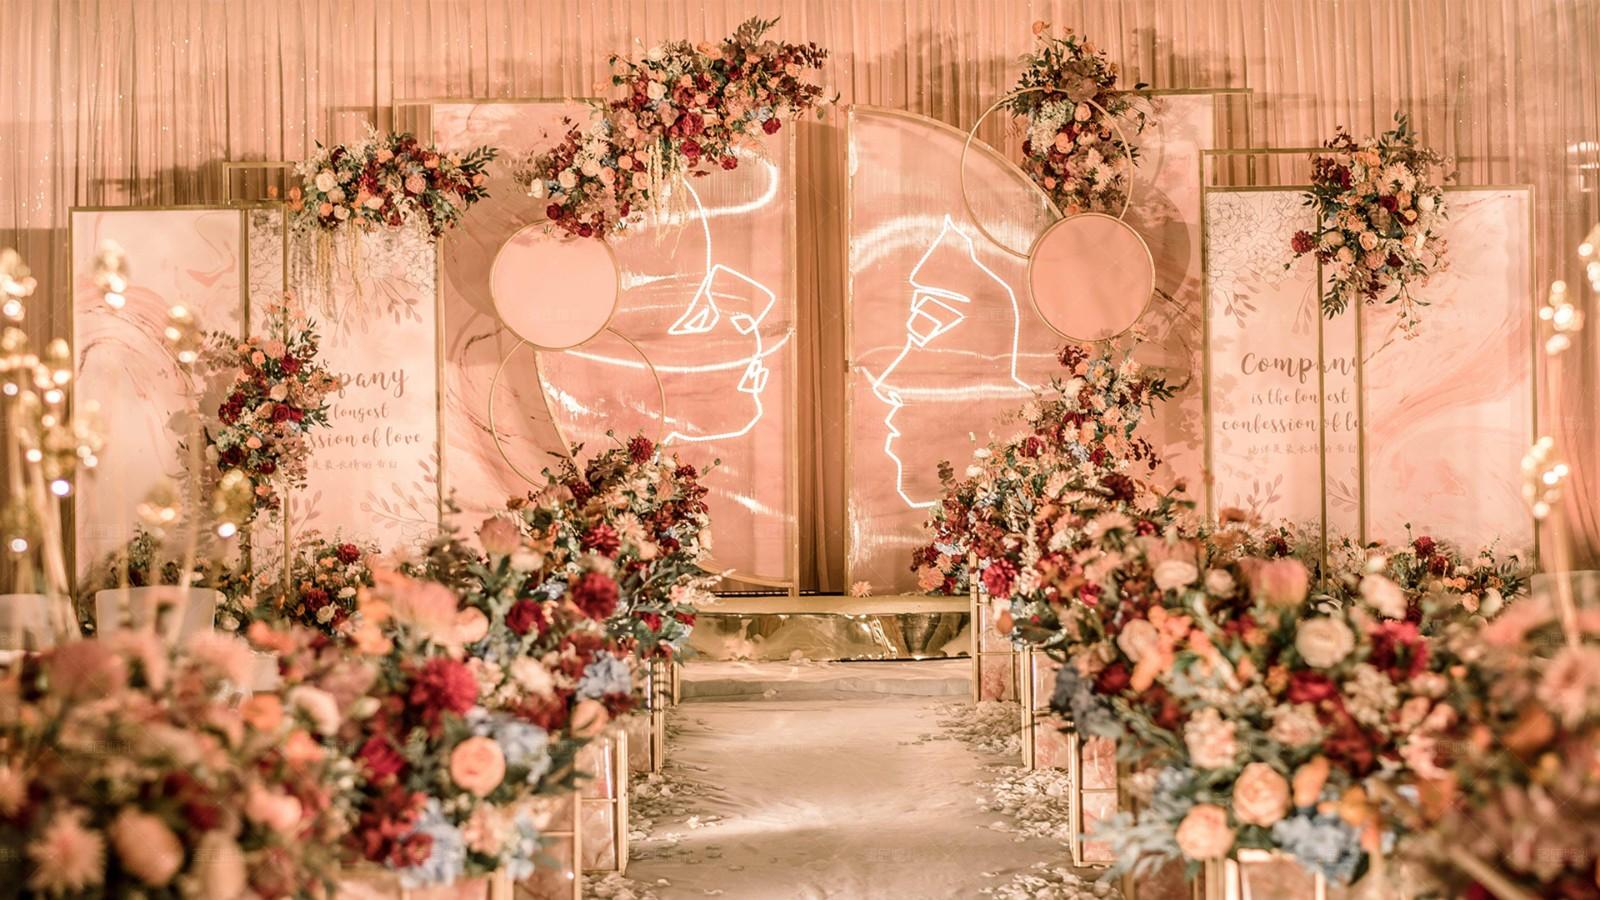 简约时尚婚礼主题风格